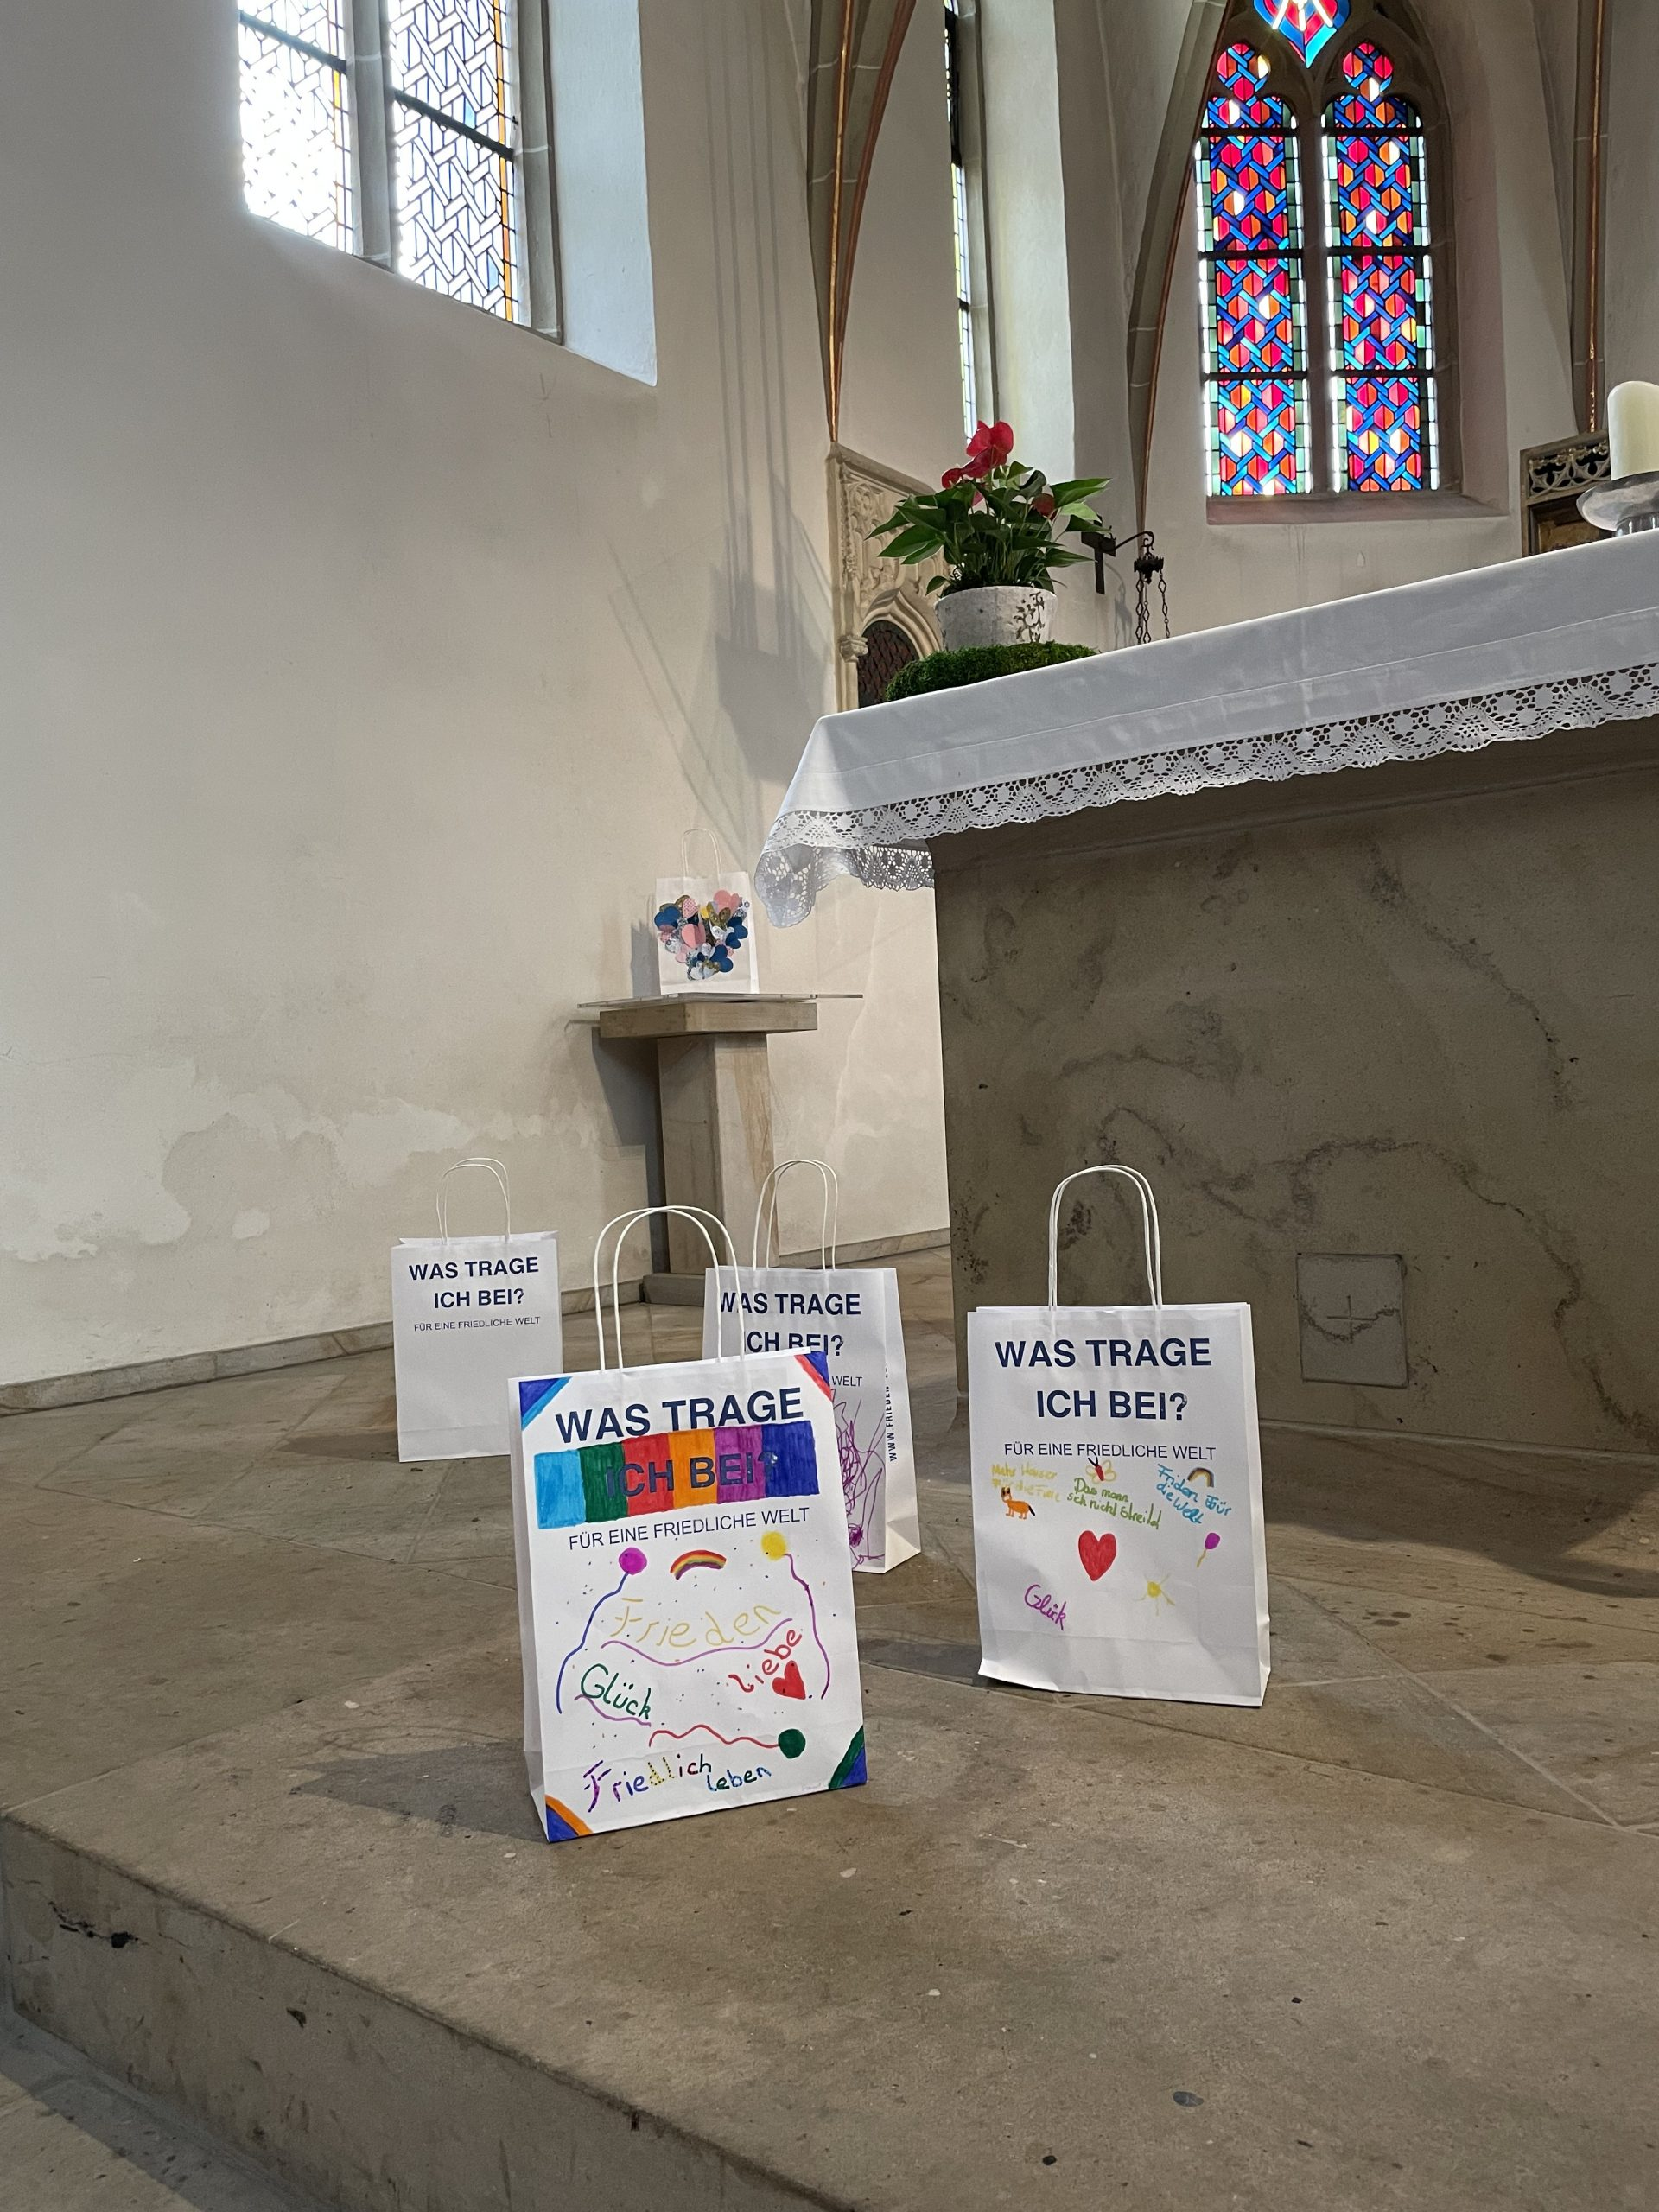 Auf einem Steinboden in einer Kirche stehen vier gestaltete Papiertüten mit Ideen für eine friedliche Welt.